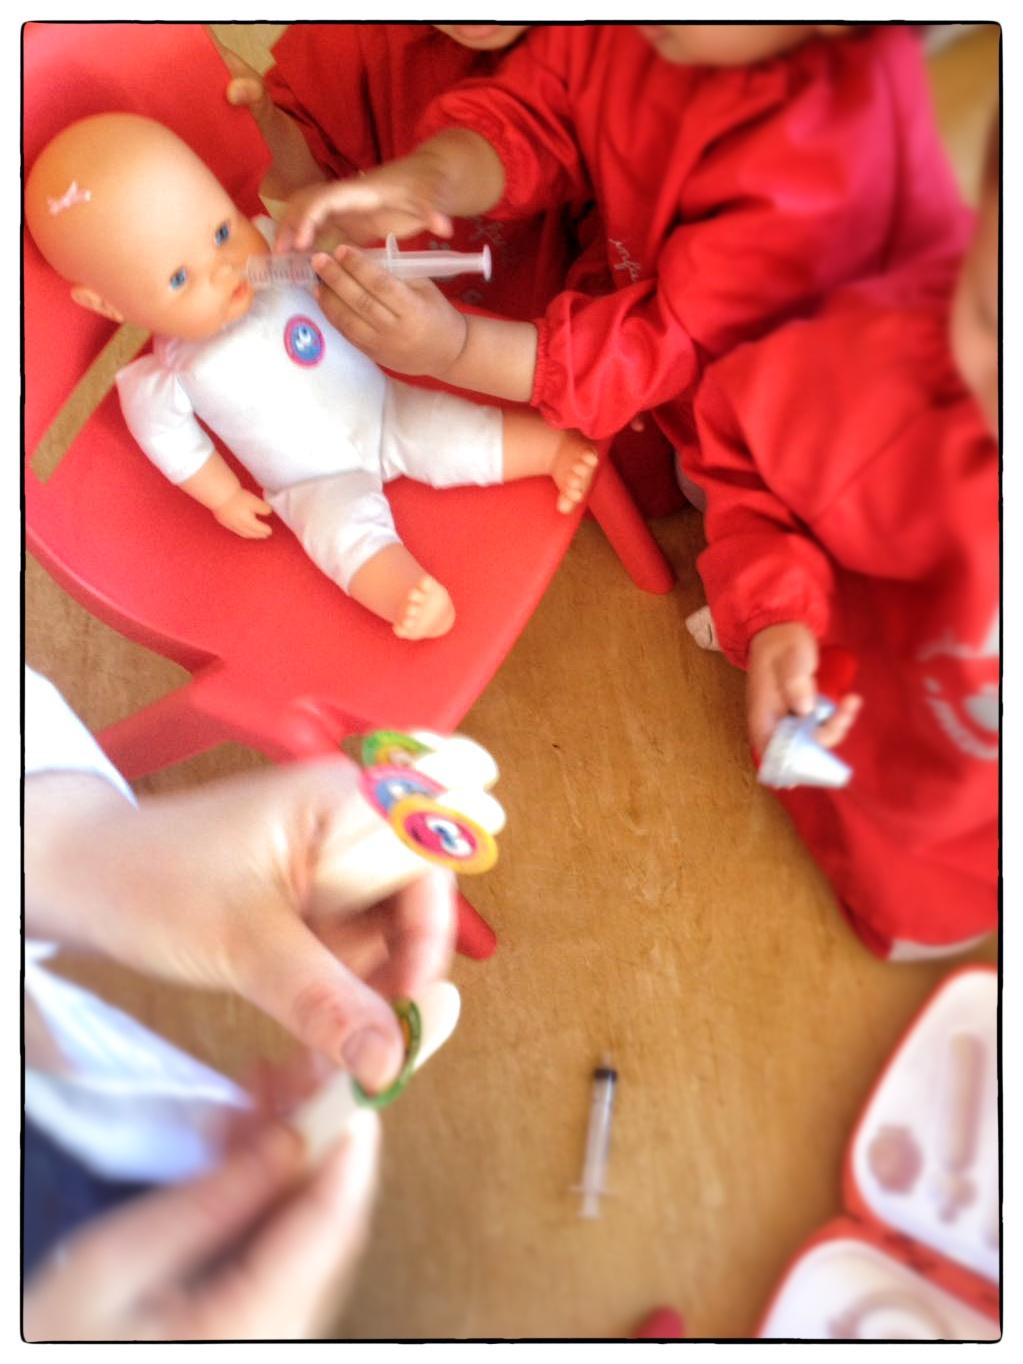 Escuela infantil piquio pozuelo pediatra piquio escuela - Escuelas infantiles pozuelo ...